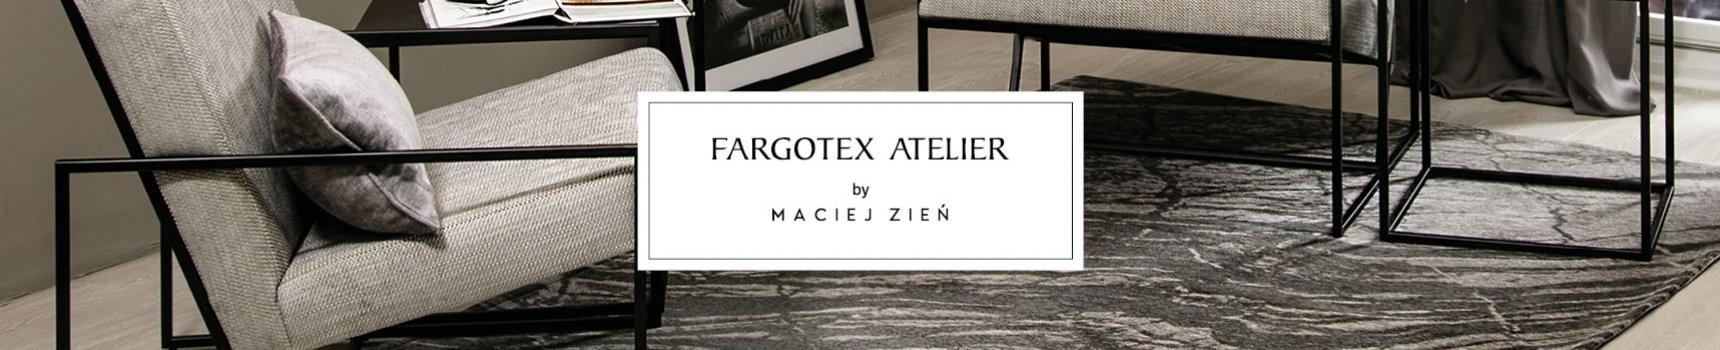 Meble w tkaninach Fargotex Atelier by projektant Maciej Zień